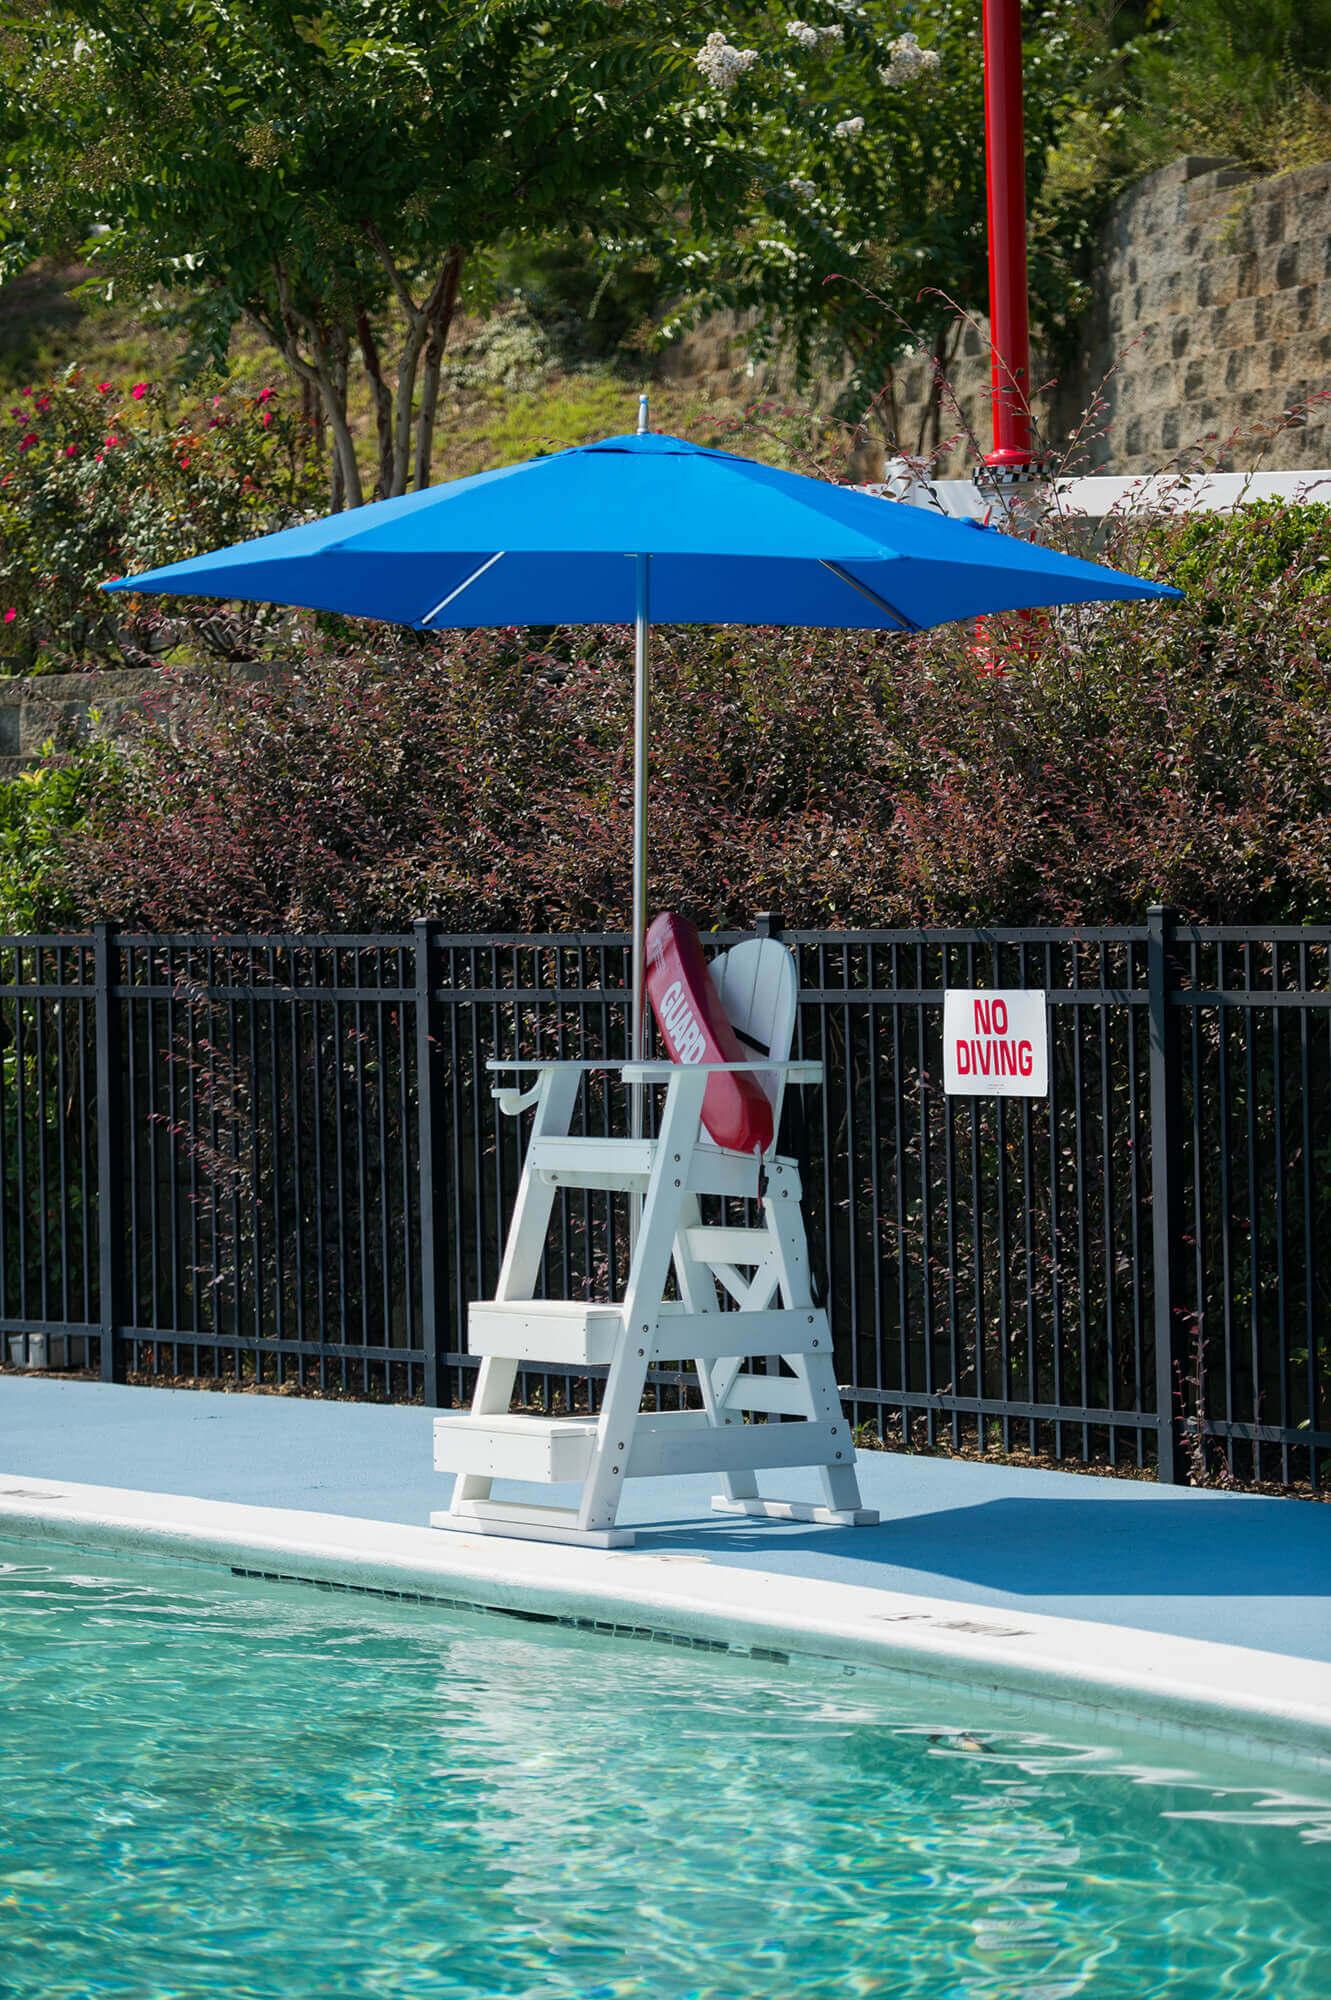 亮蓝色伞为救生员看台遮阴